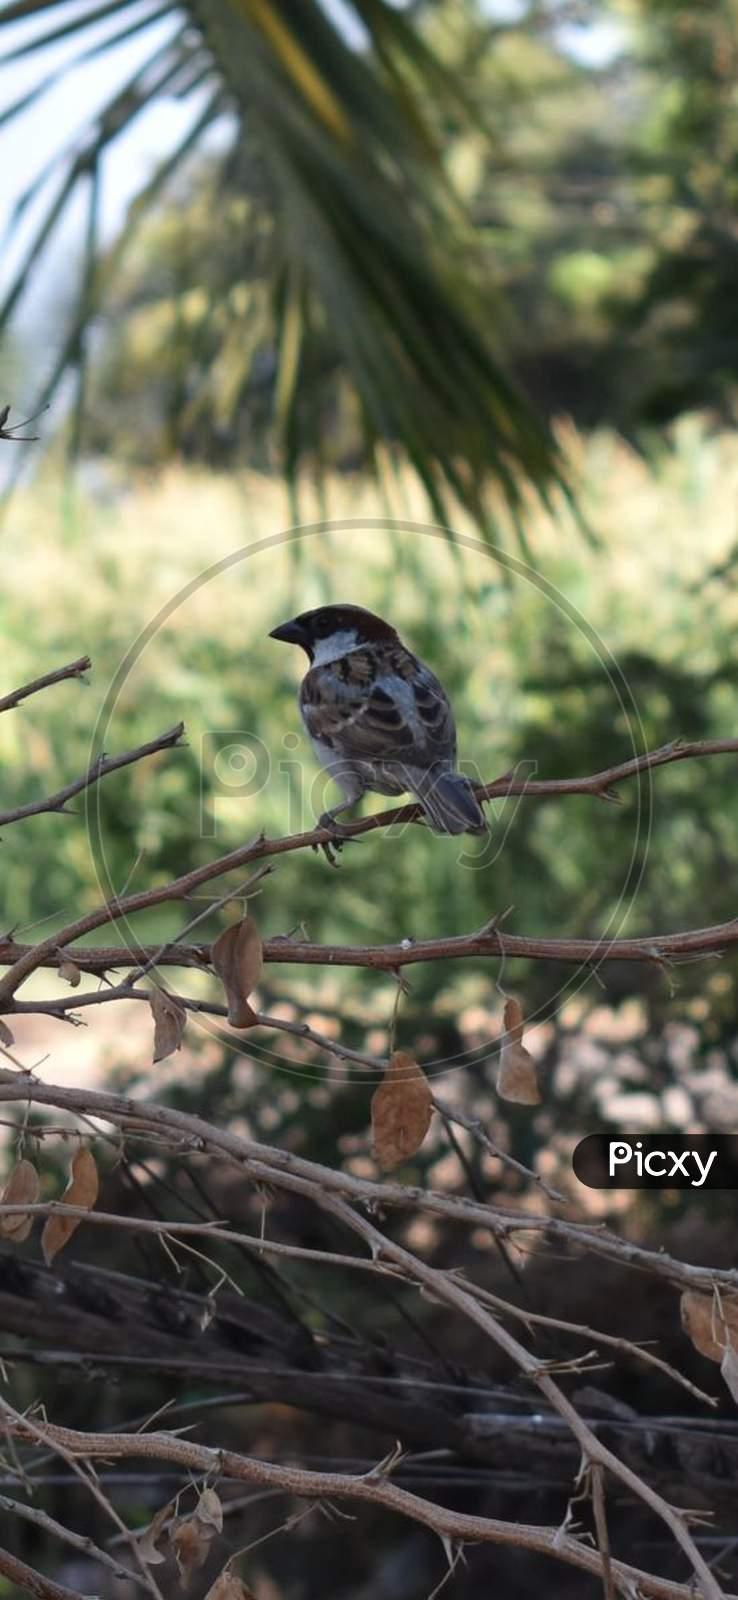 A sparrow bird